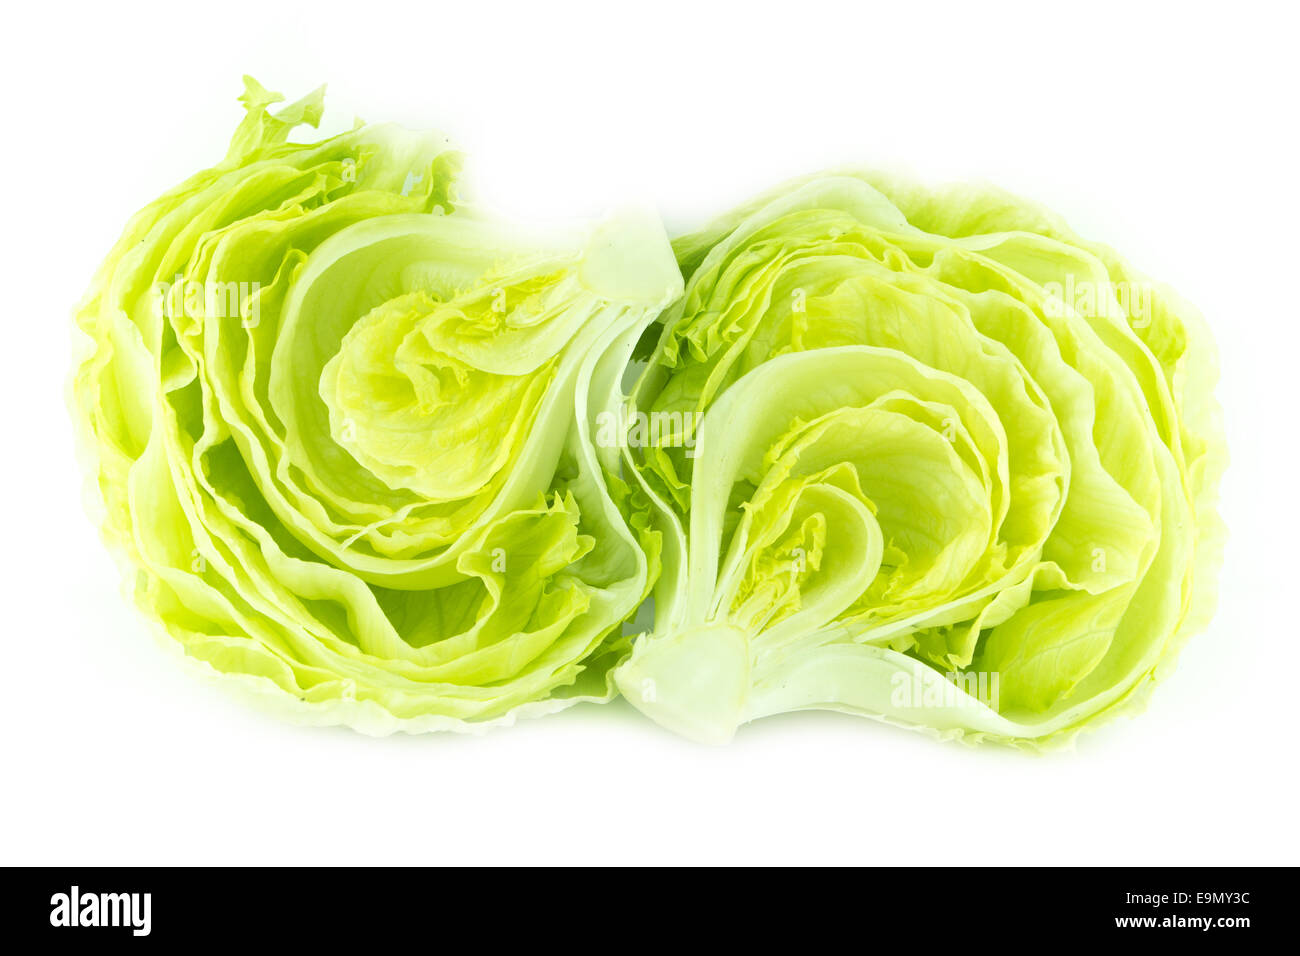 Green Iceberg lettuce - Stock Image